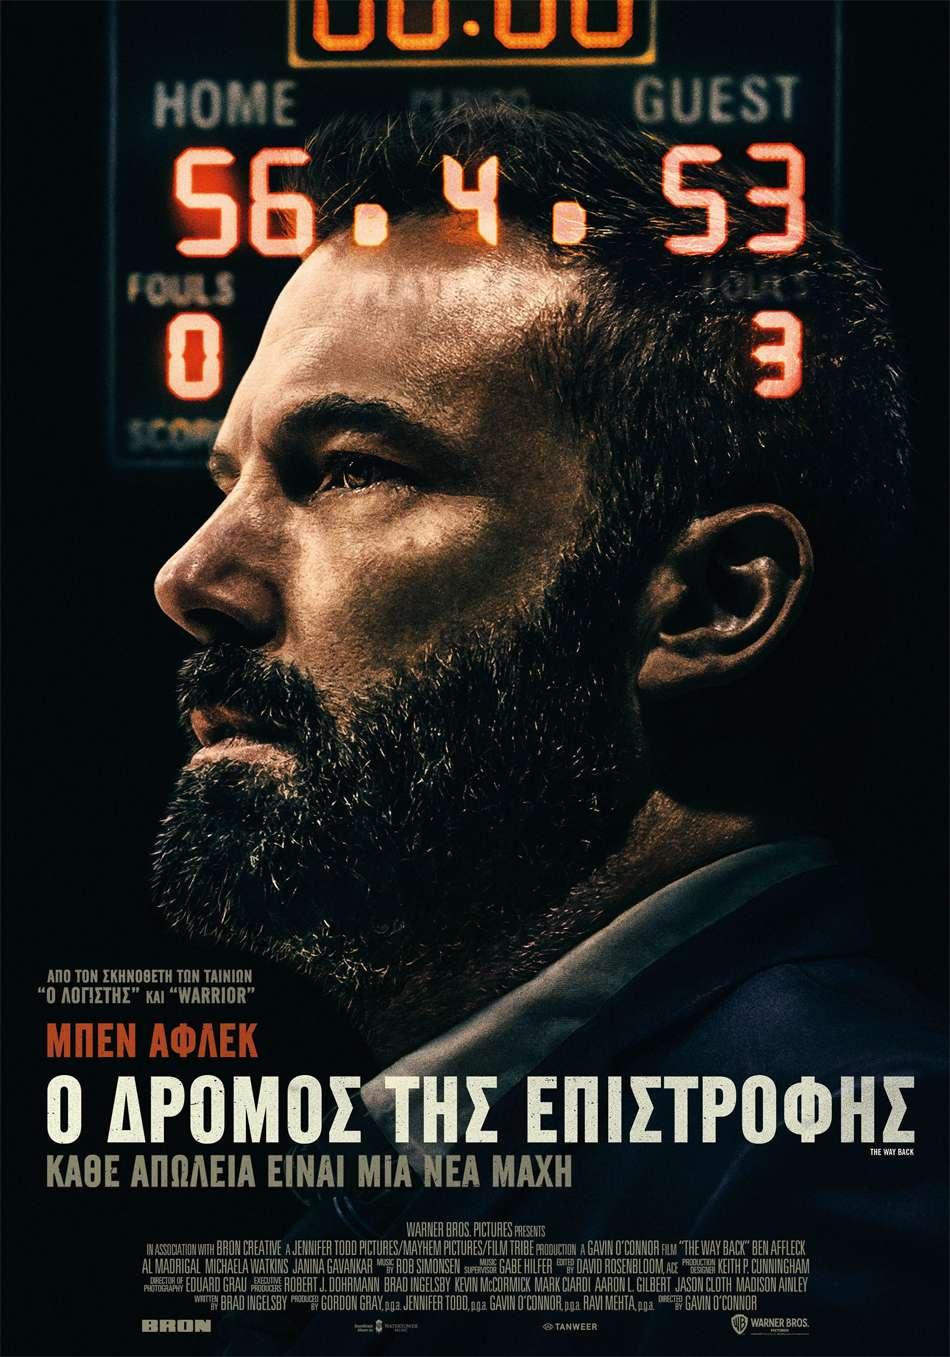 Ο Δρόμος της Επιστροφής (The Way Back) - Trailer / Τρέιλερ Poster